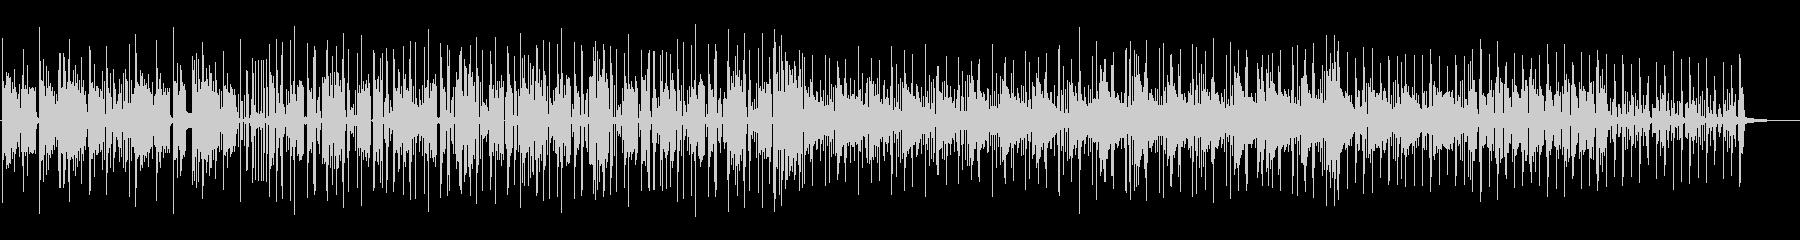 跳ねたリズムで軽やかなテクノポップの未再生の波形